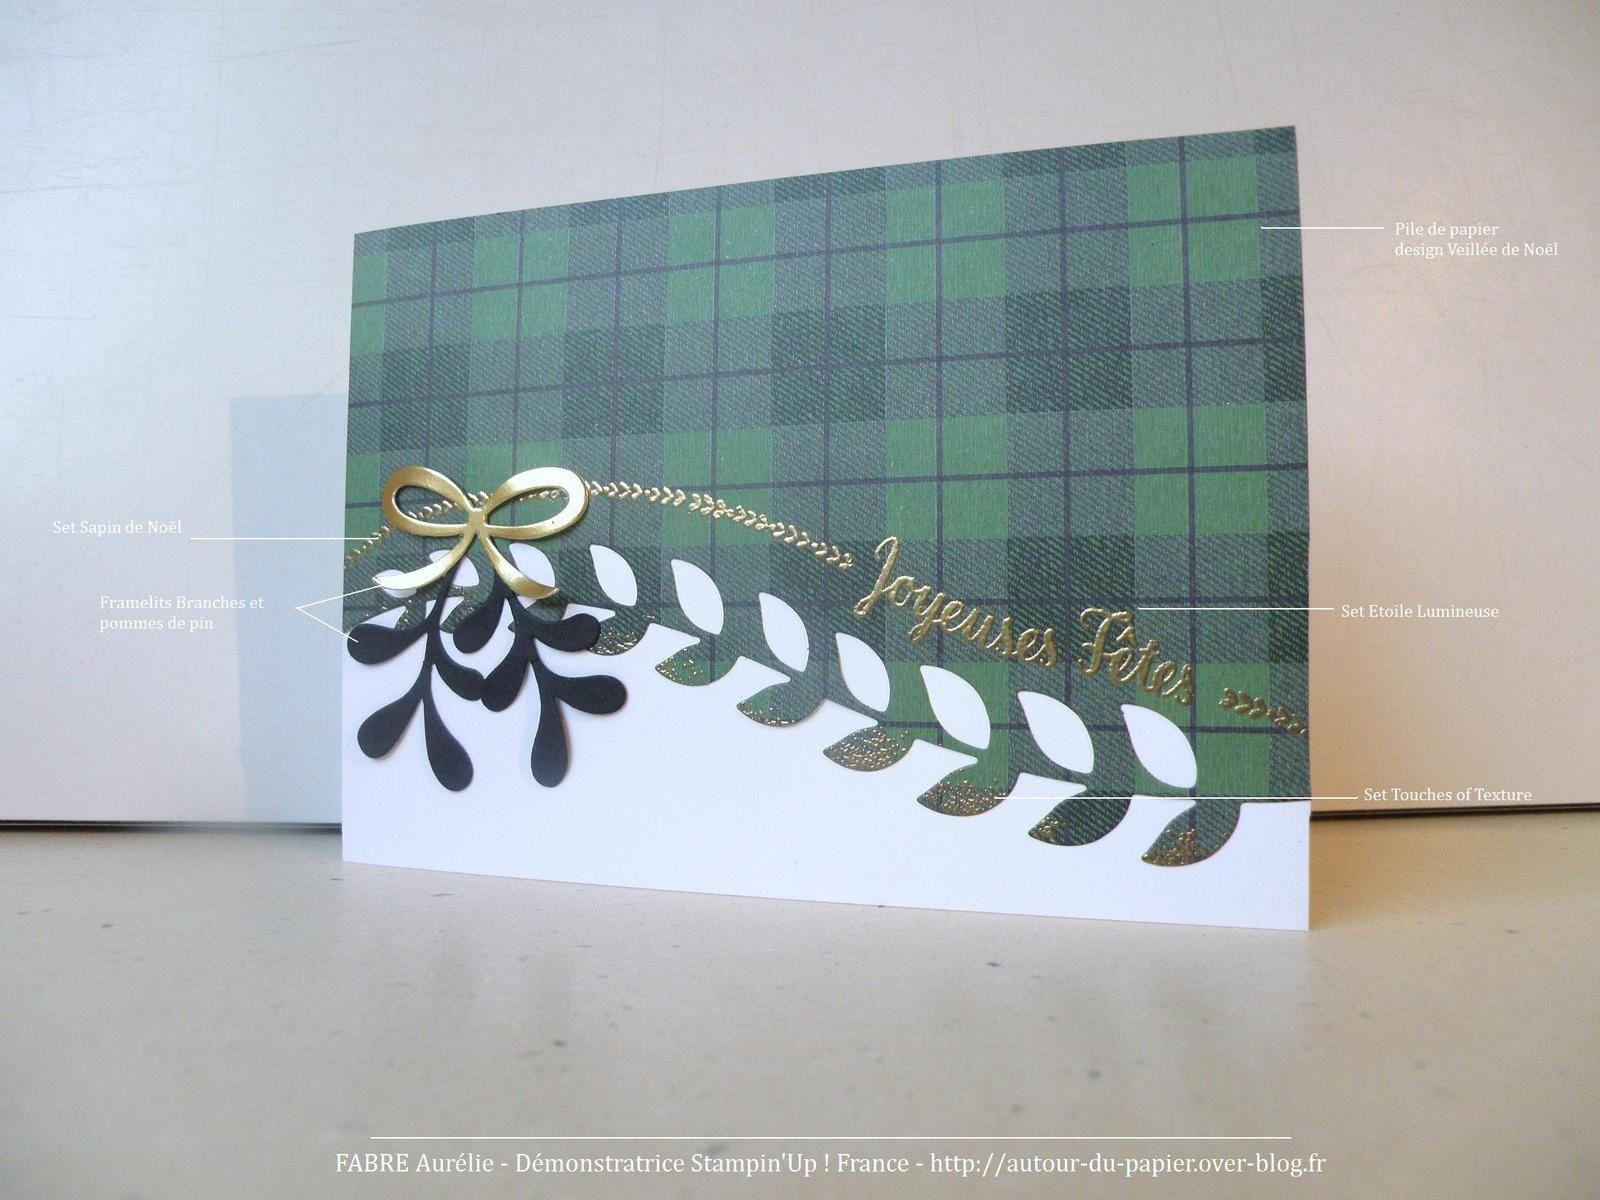 Papier : Murmure Blanc, Noir Nu, Métallique Or, Pile de papier Design Veillée de Noël. Set : Touches of texture, Sapin de Noël, Etoile Lumineuse. Big Shot : Thinlits Branches et pommes de pin. Poudre à embosser Or